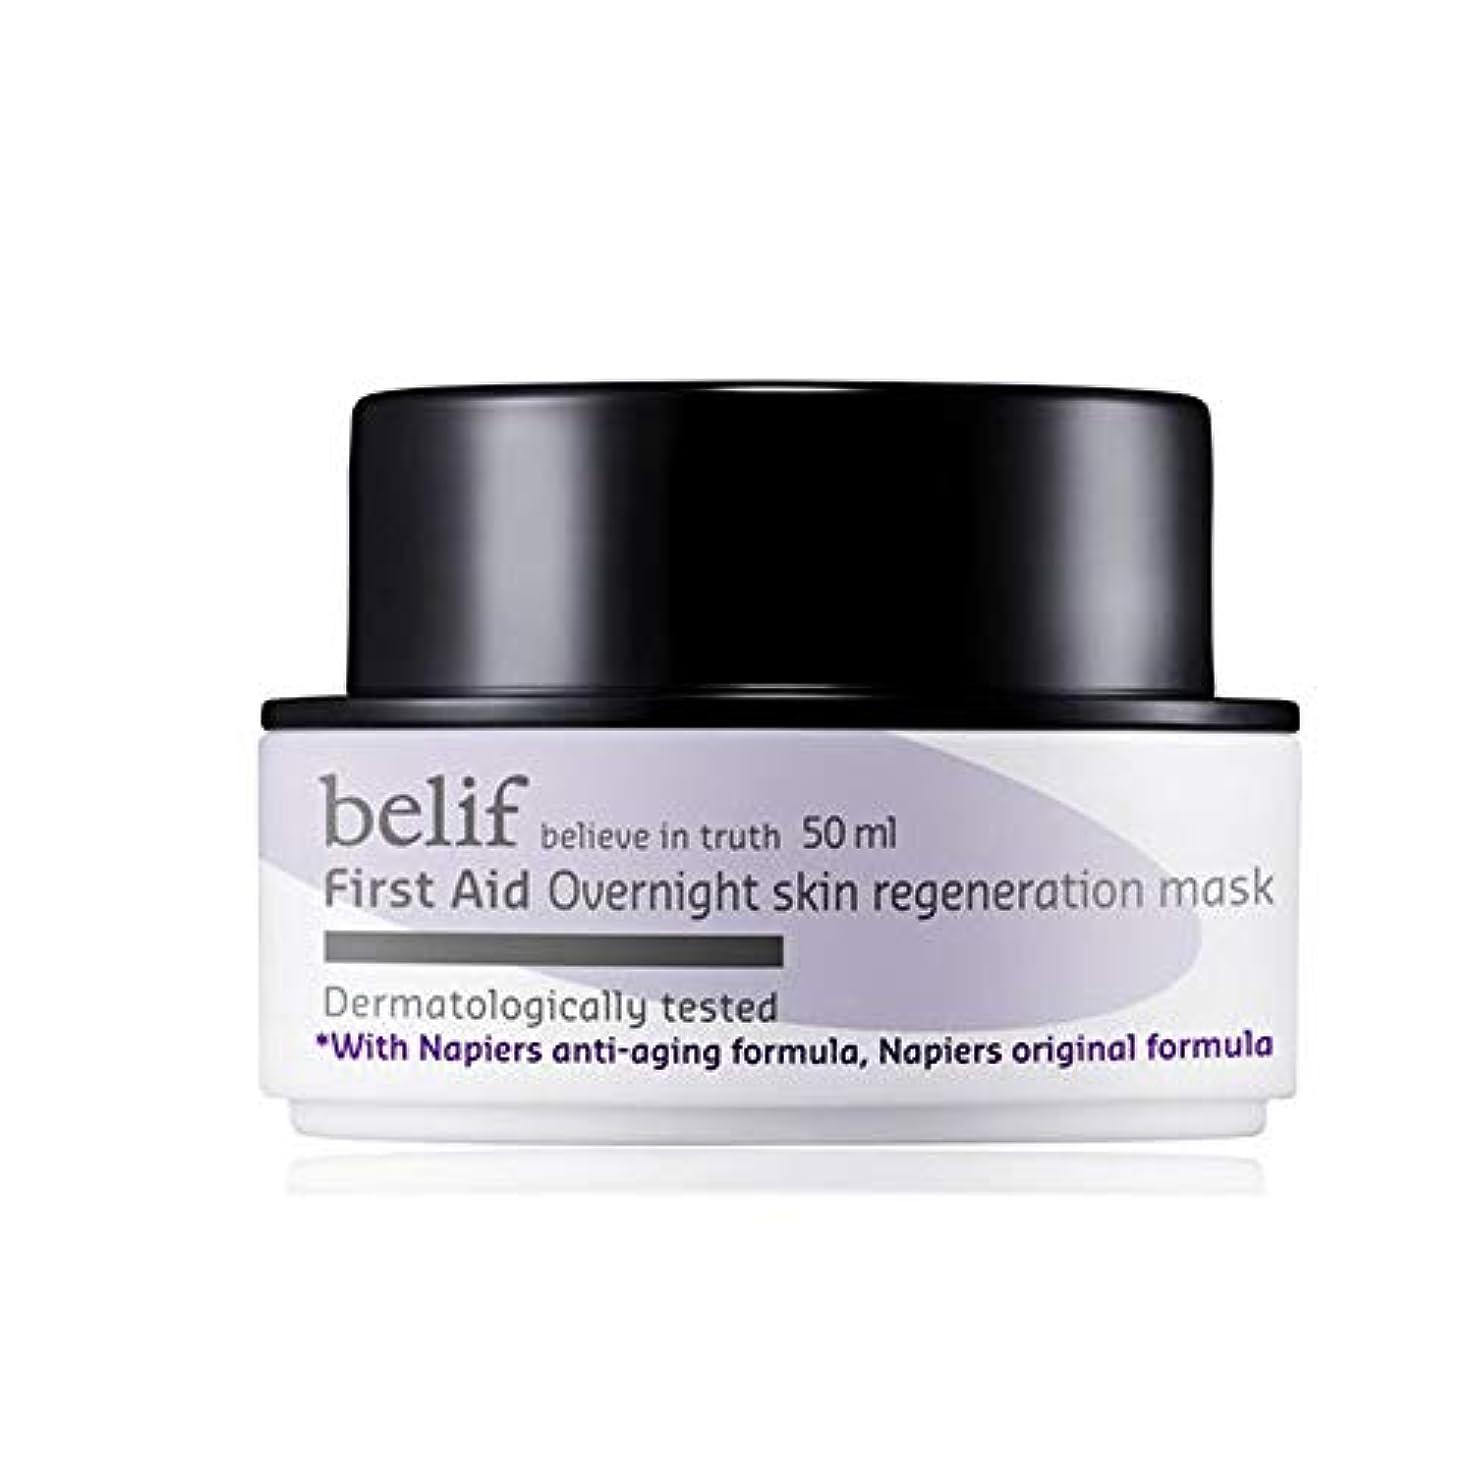 あざ好きであるカプセルビリープファーストエイドオーバーナイトスキンリジェネレーションマスク50ml韓国コスメ、belif First Aid Overnight Skin Regeneration Mask 50ml Korean Cosmetics...